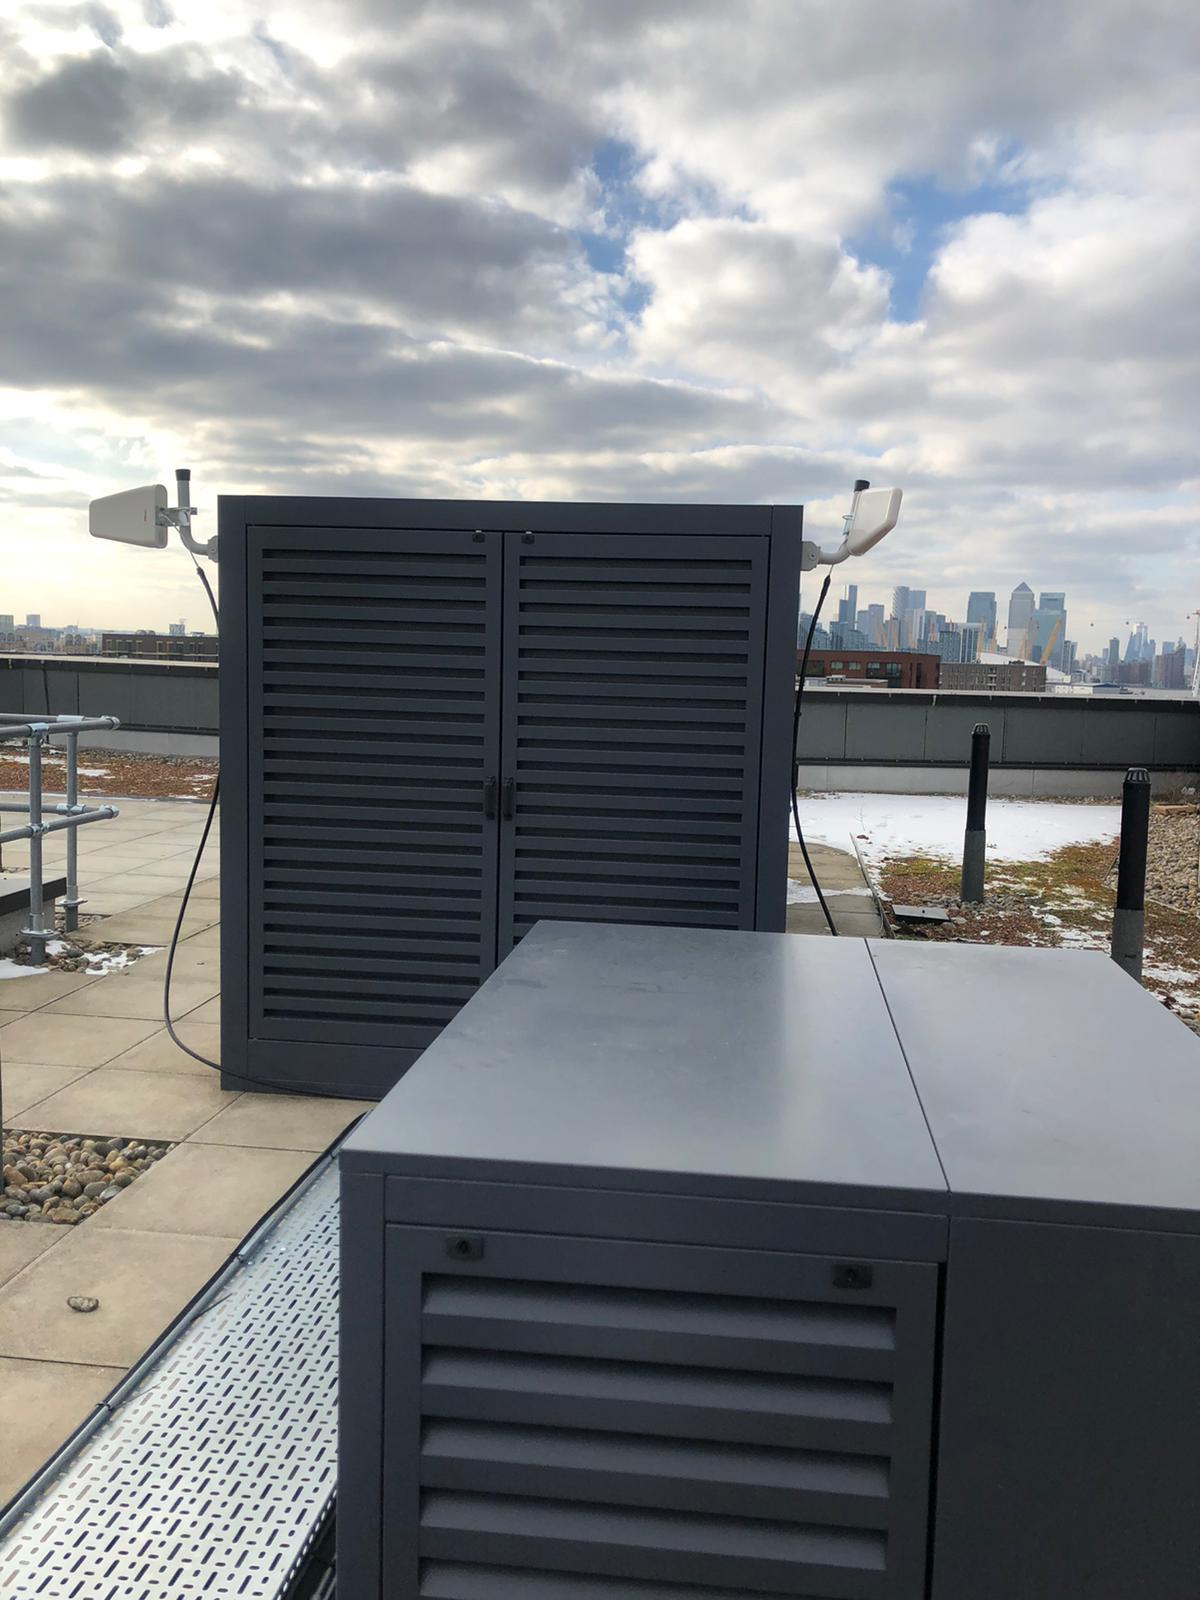 Outdoor Yagi Antennas